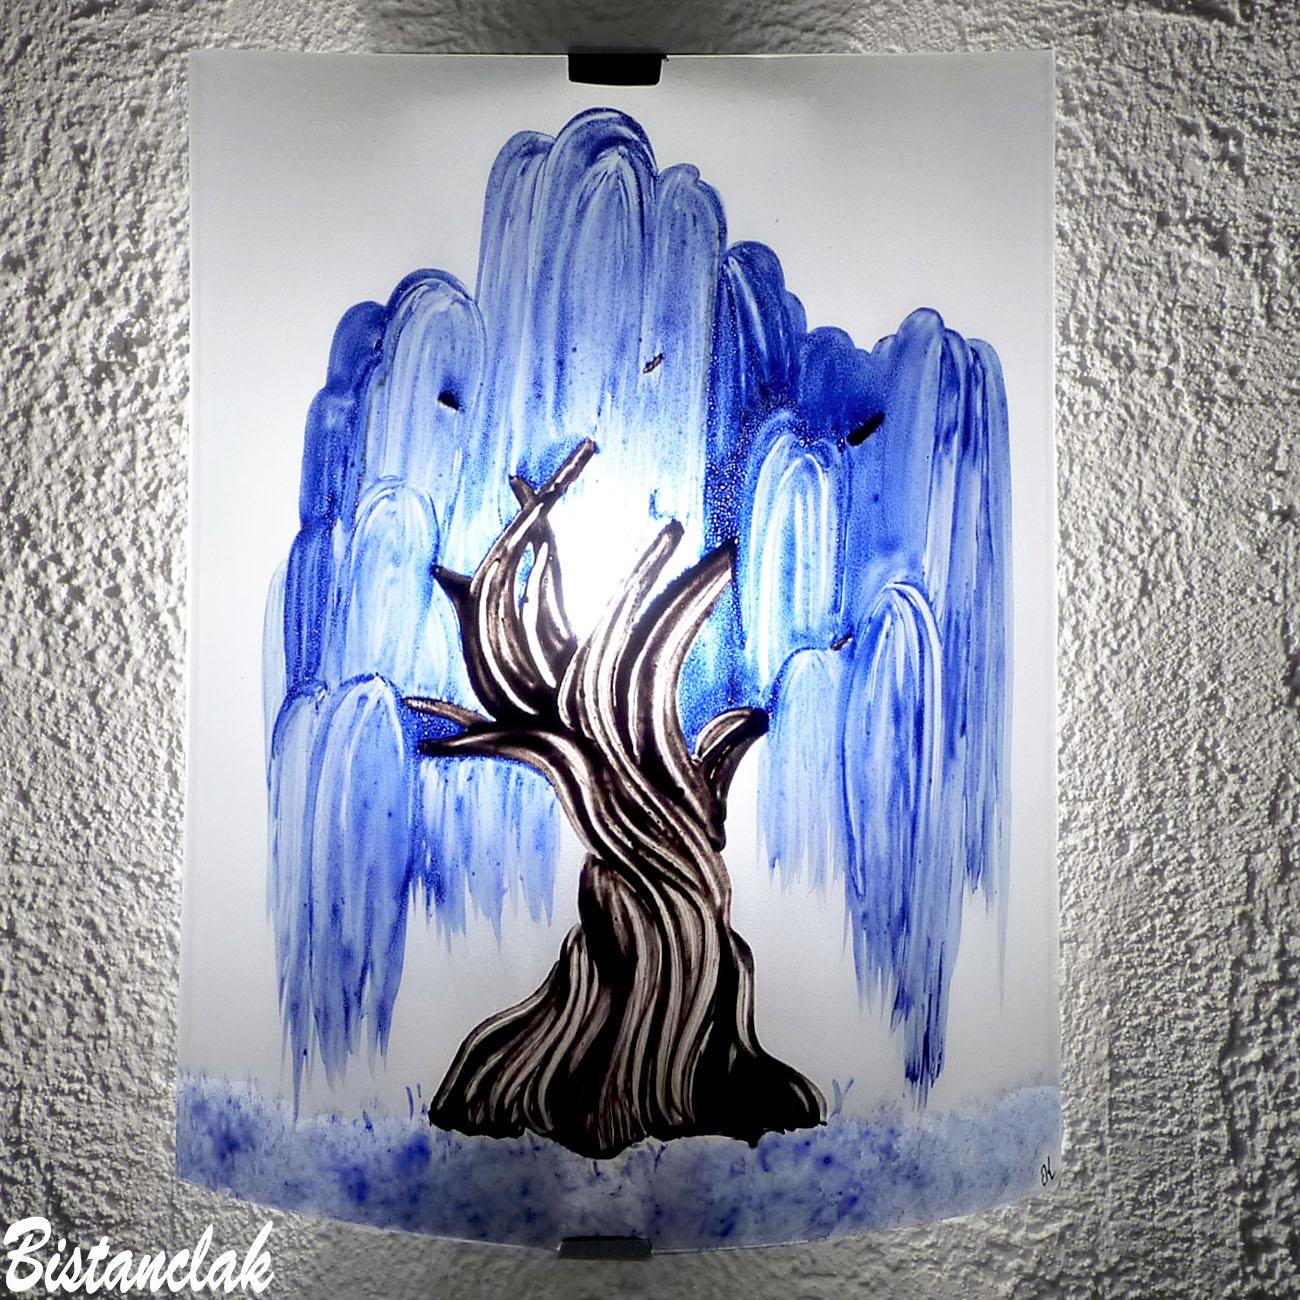 Applique artisanale blanche motif saule pleureur bleu cobalt